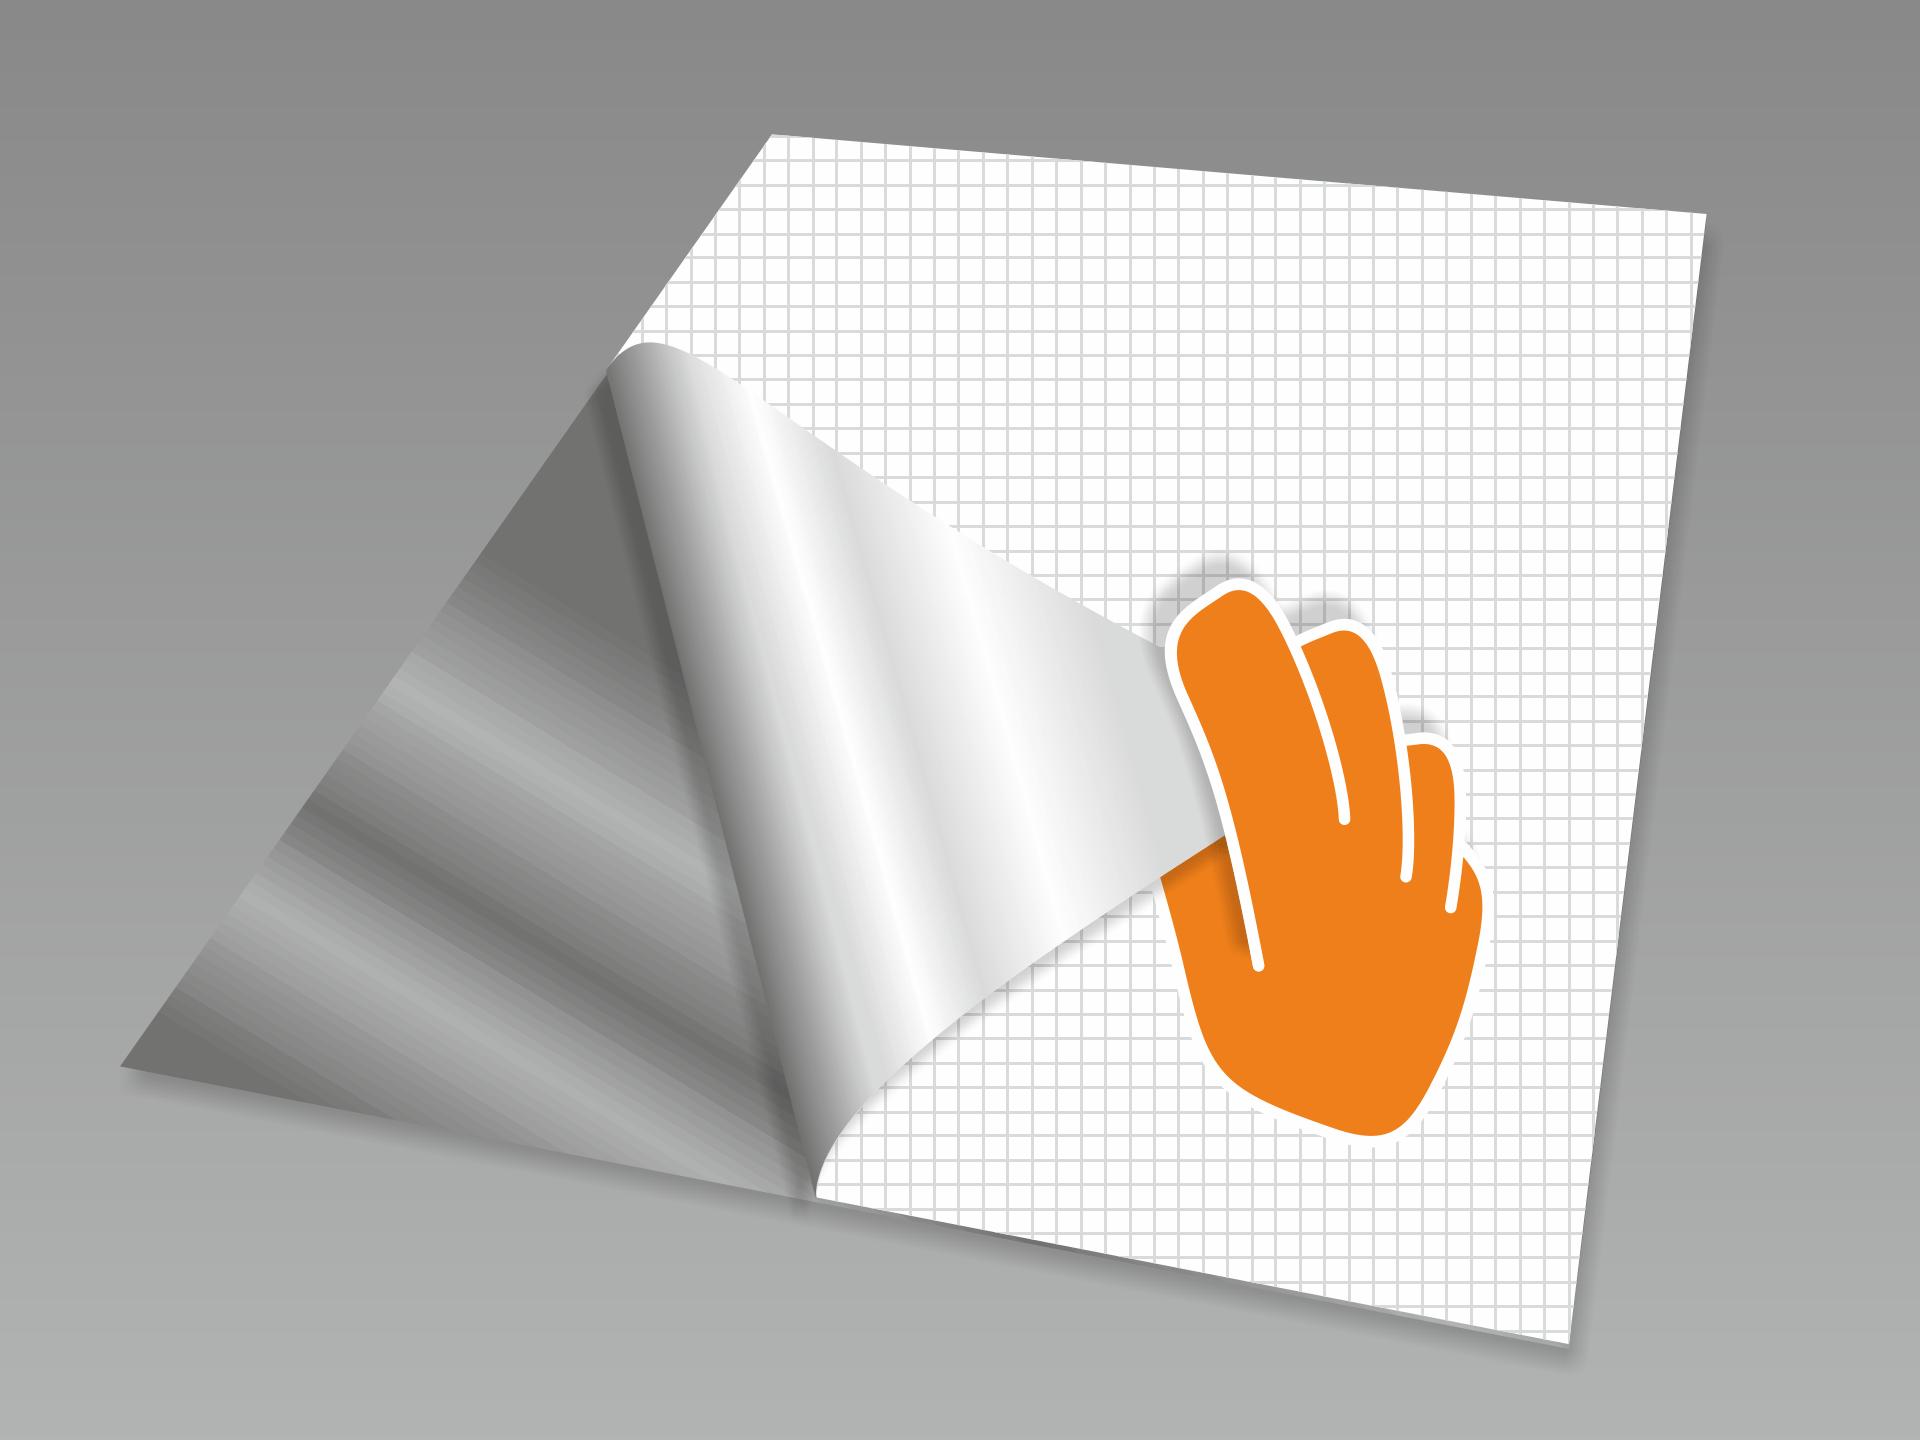 Aufkleber nochmal abnehmen und das rückseitige Trägerpapier vorsichtig lösen.